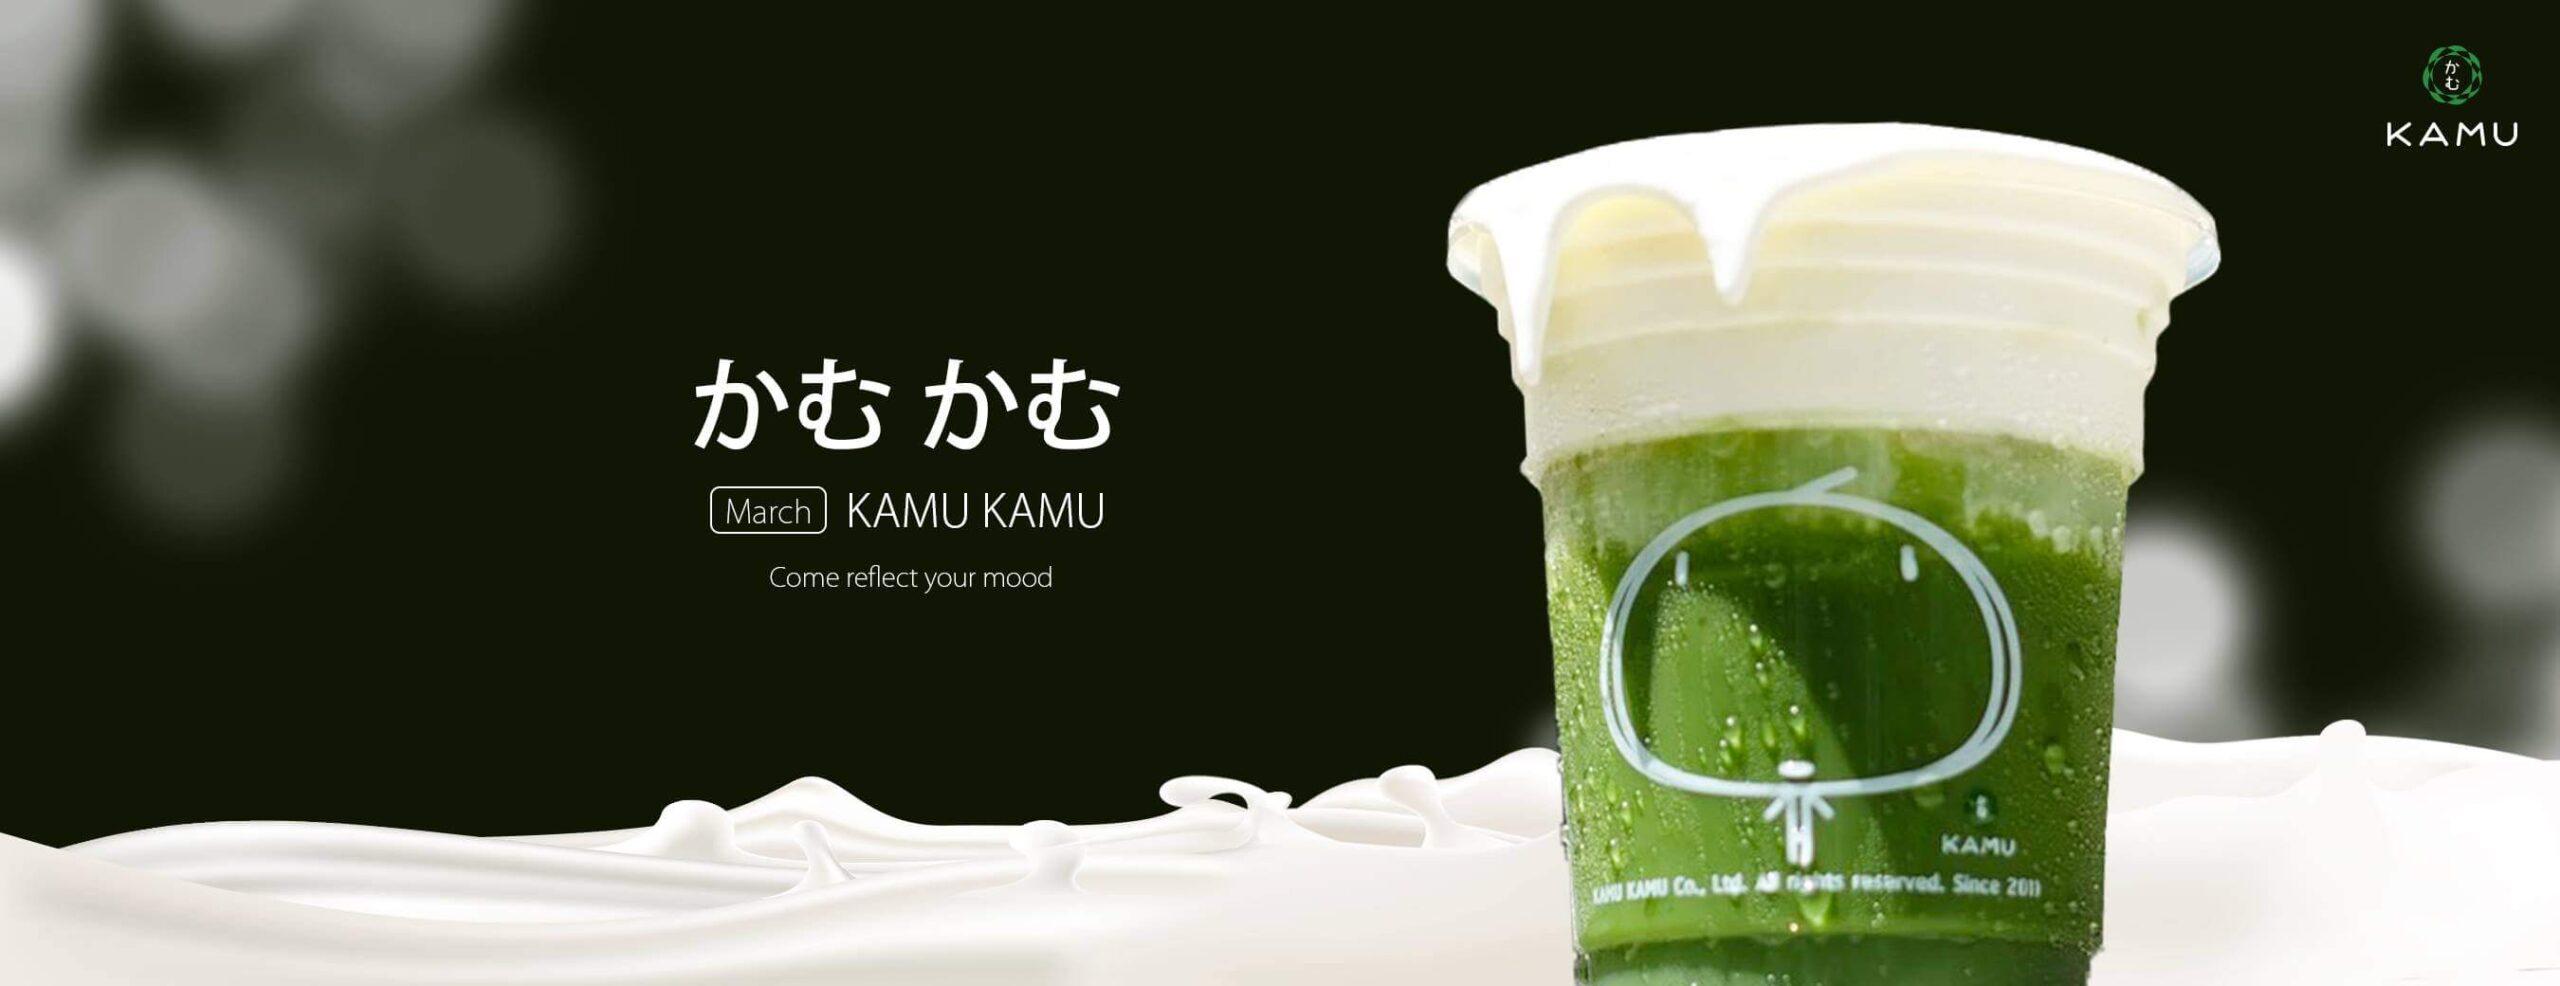 ร้านชาไข่มุก KAMU